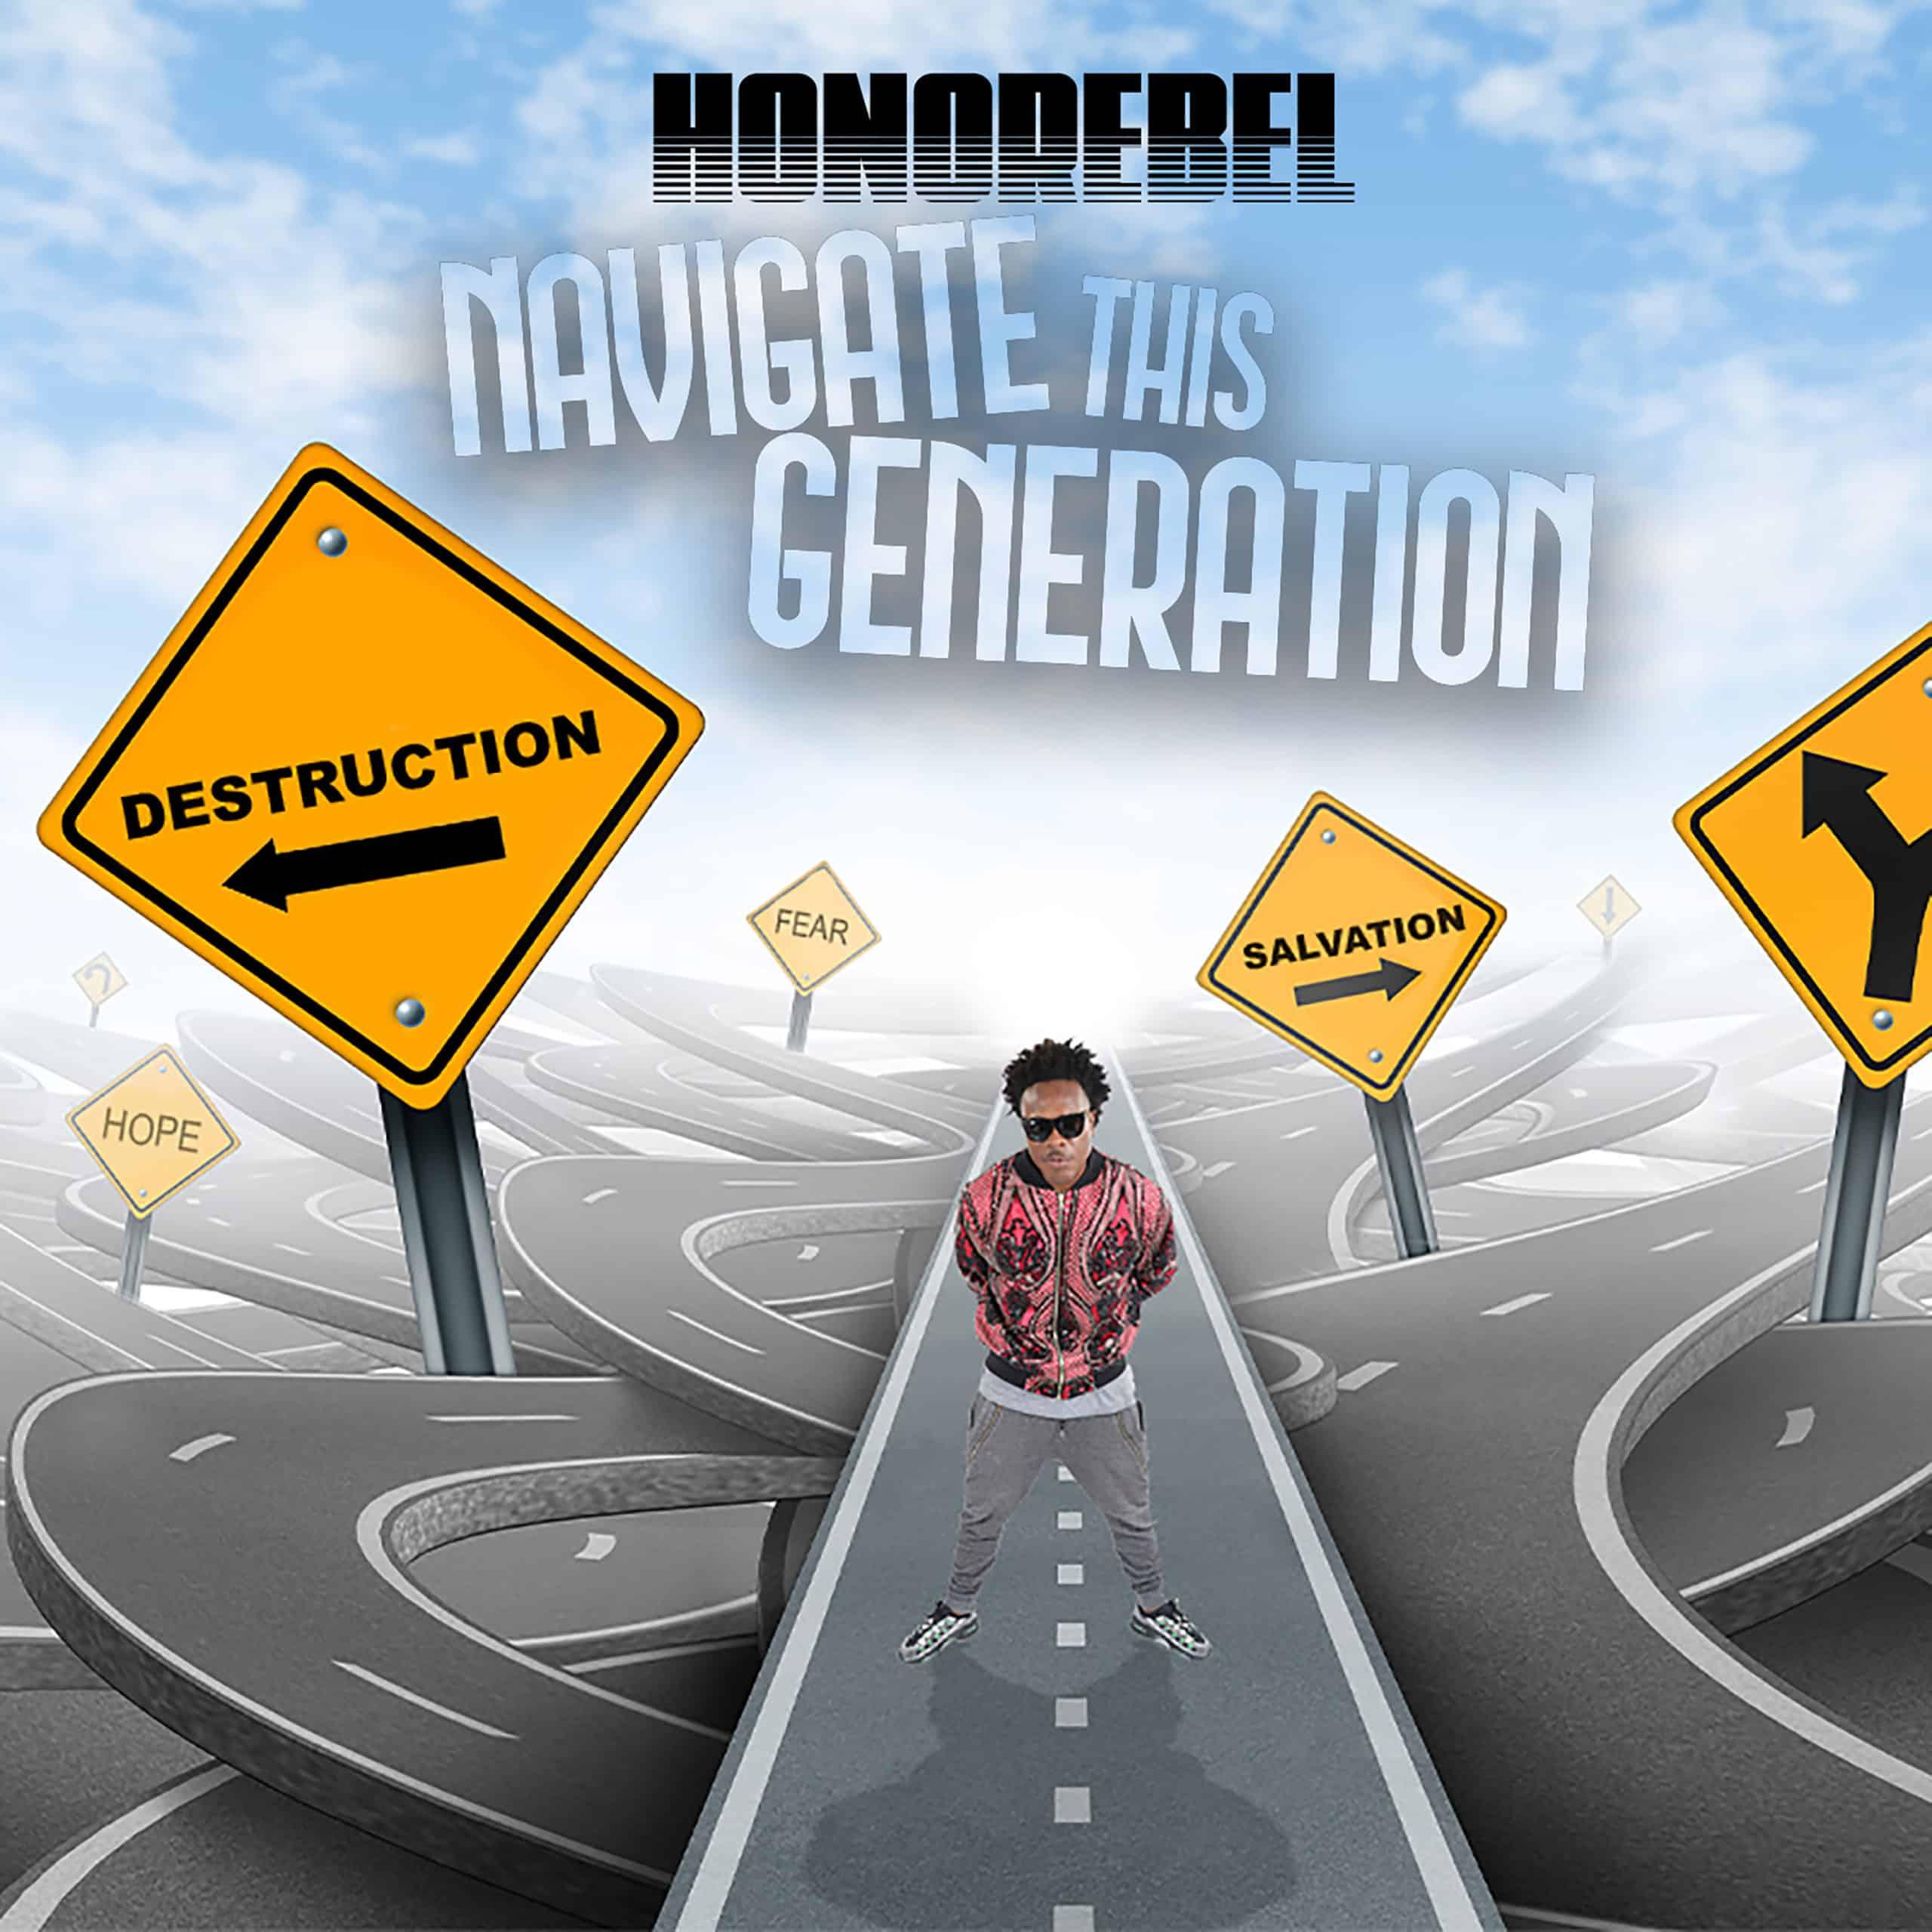 Honorebel - Navigate This Generation